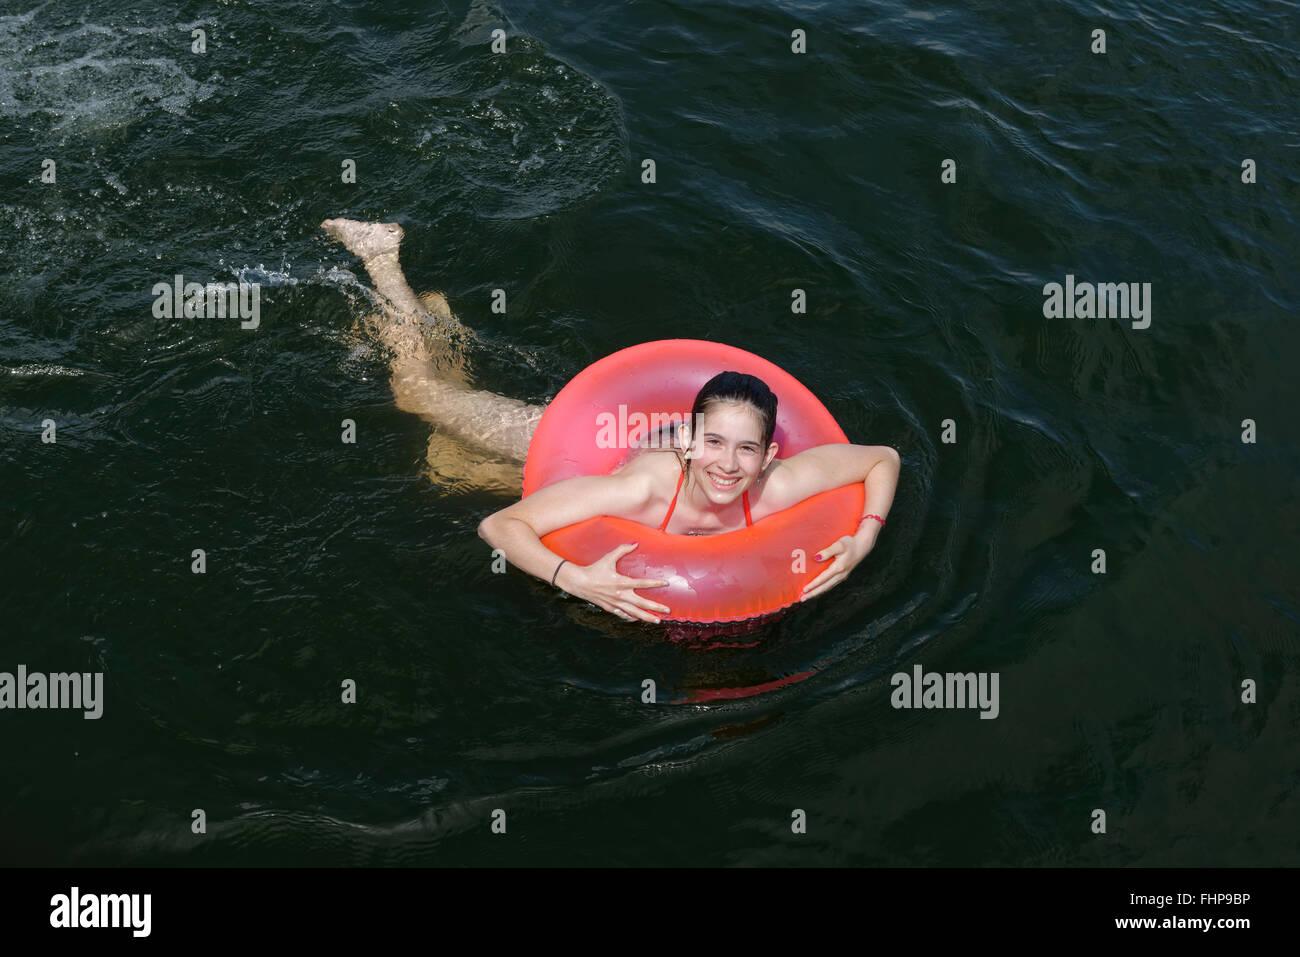 Deutschland, Wustrow, Mädchen Schwimmen mit schwimmenden Reifen im Labussee Stockfoto